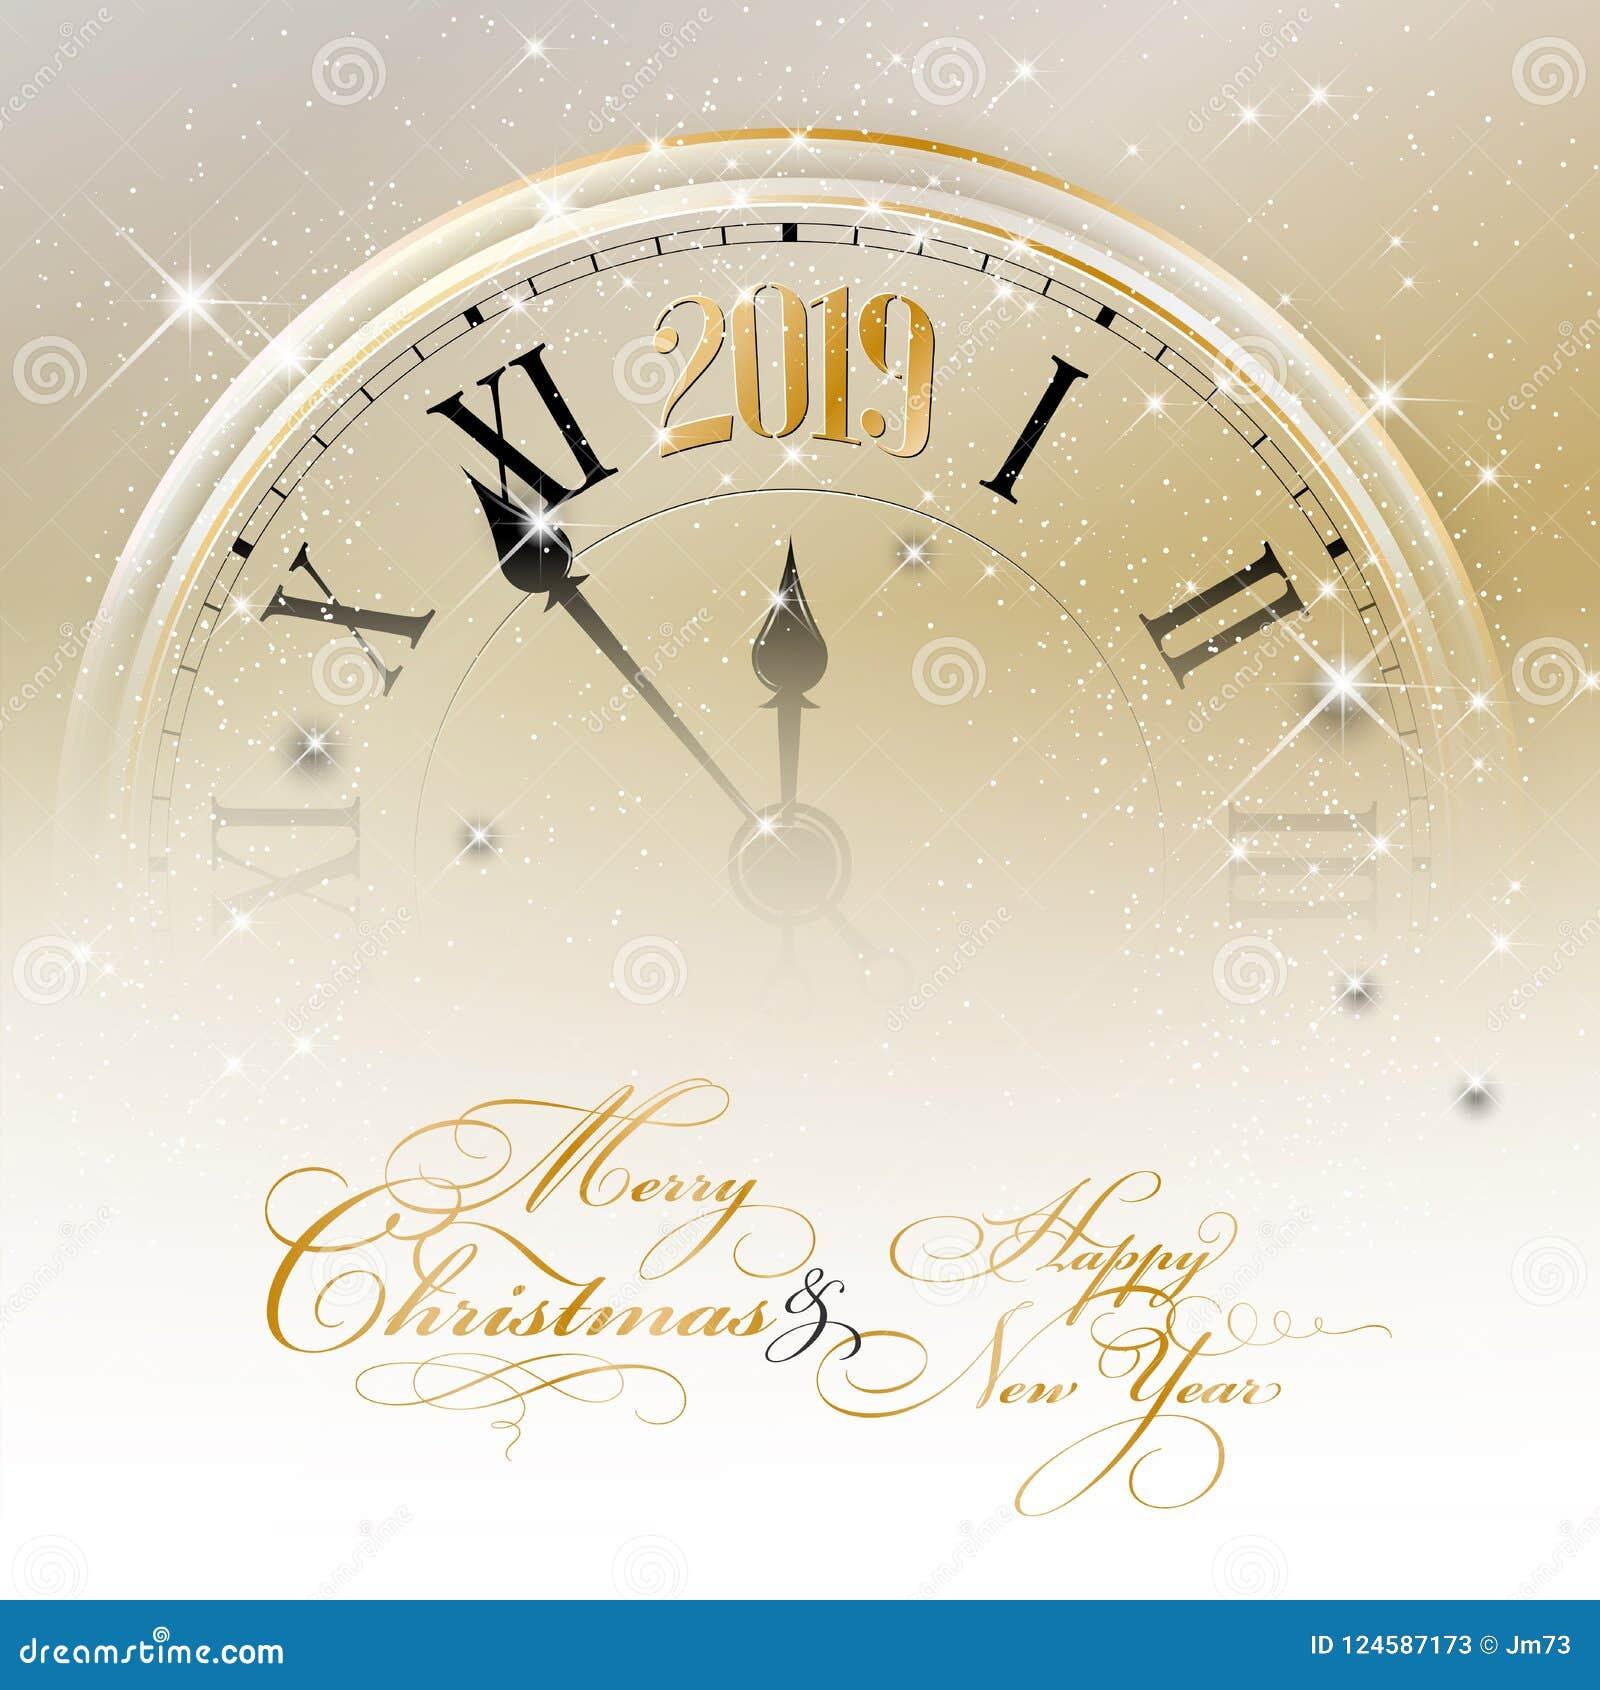 Χαρούμενα Χριστούγεννα και κάρτα καλής χρονιάς 2019